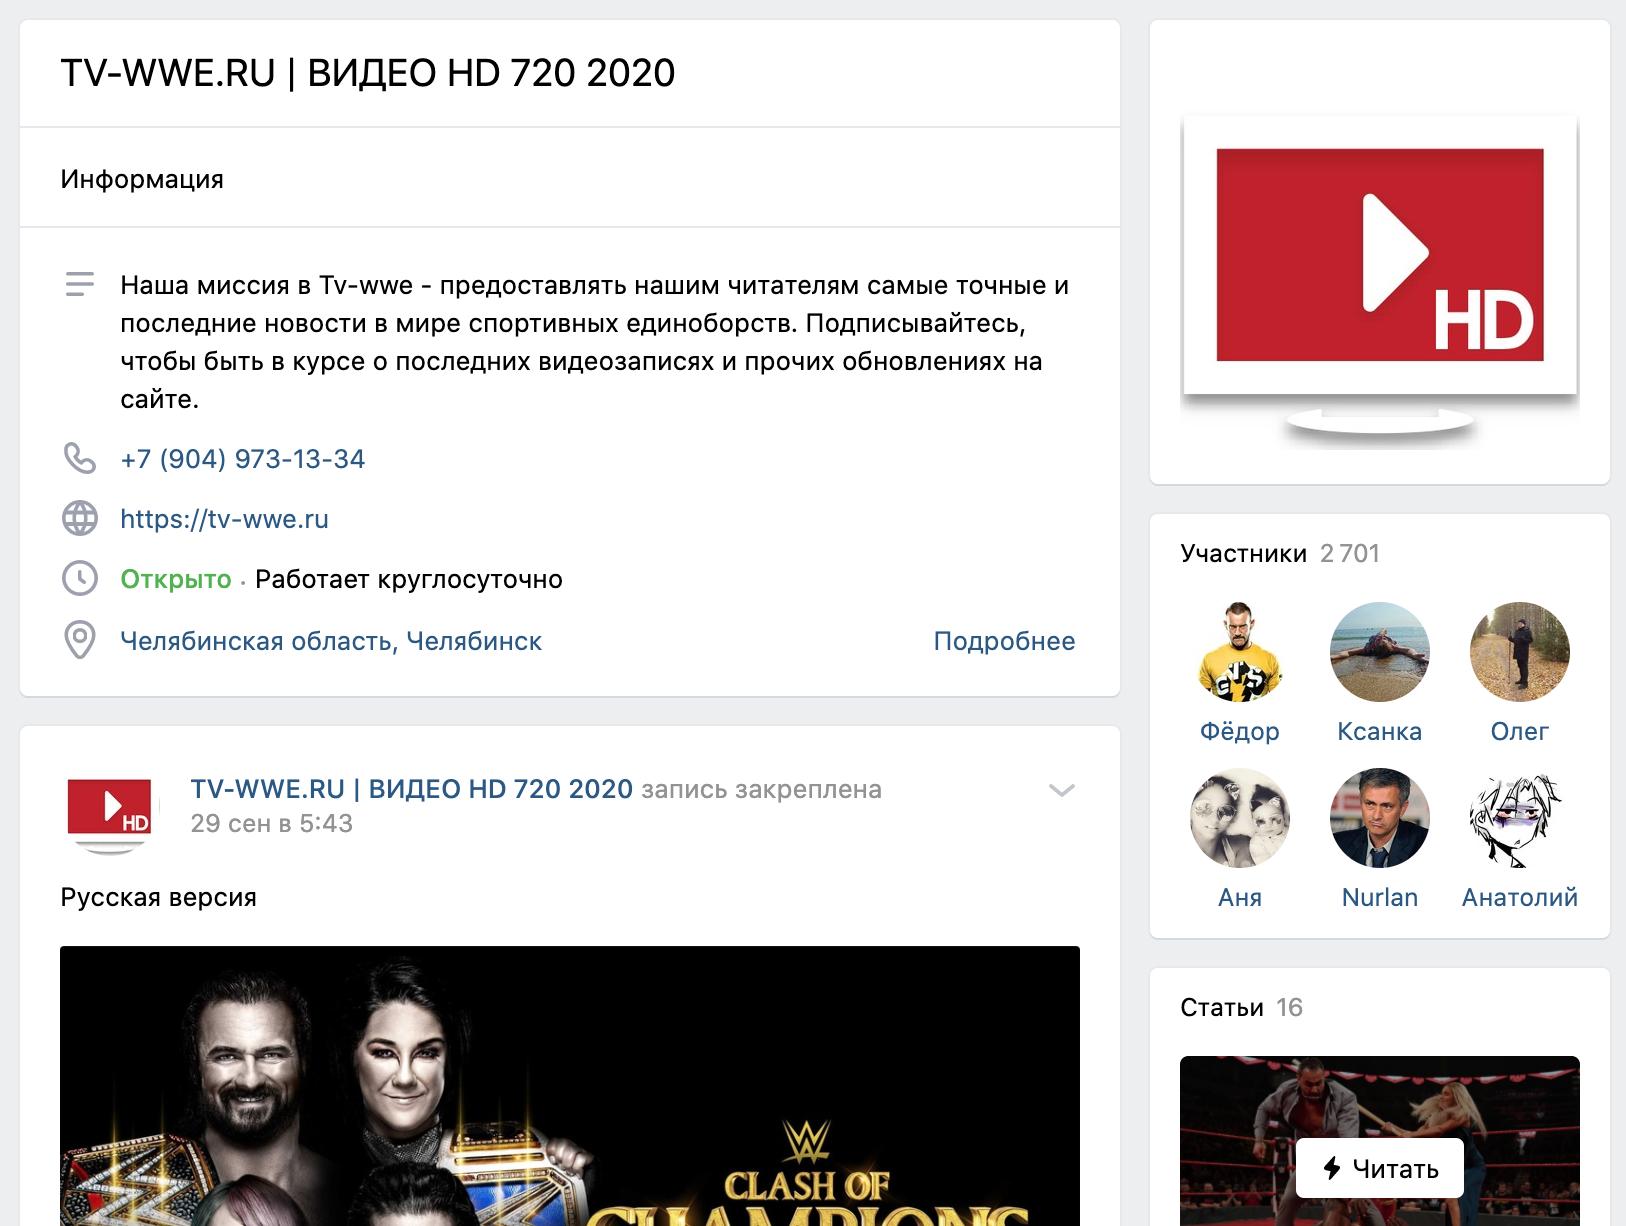 Группа в вк tv-wwe.ru